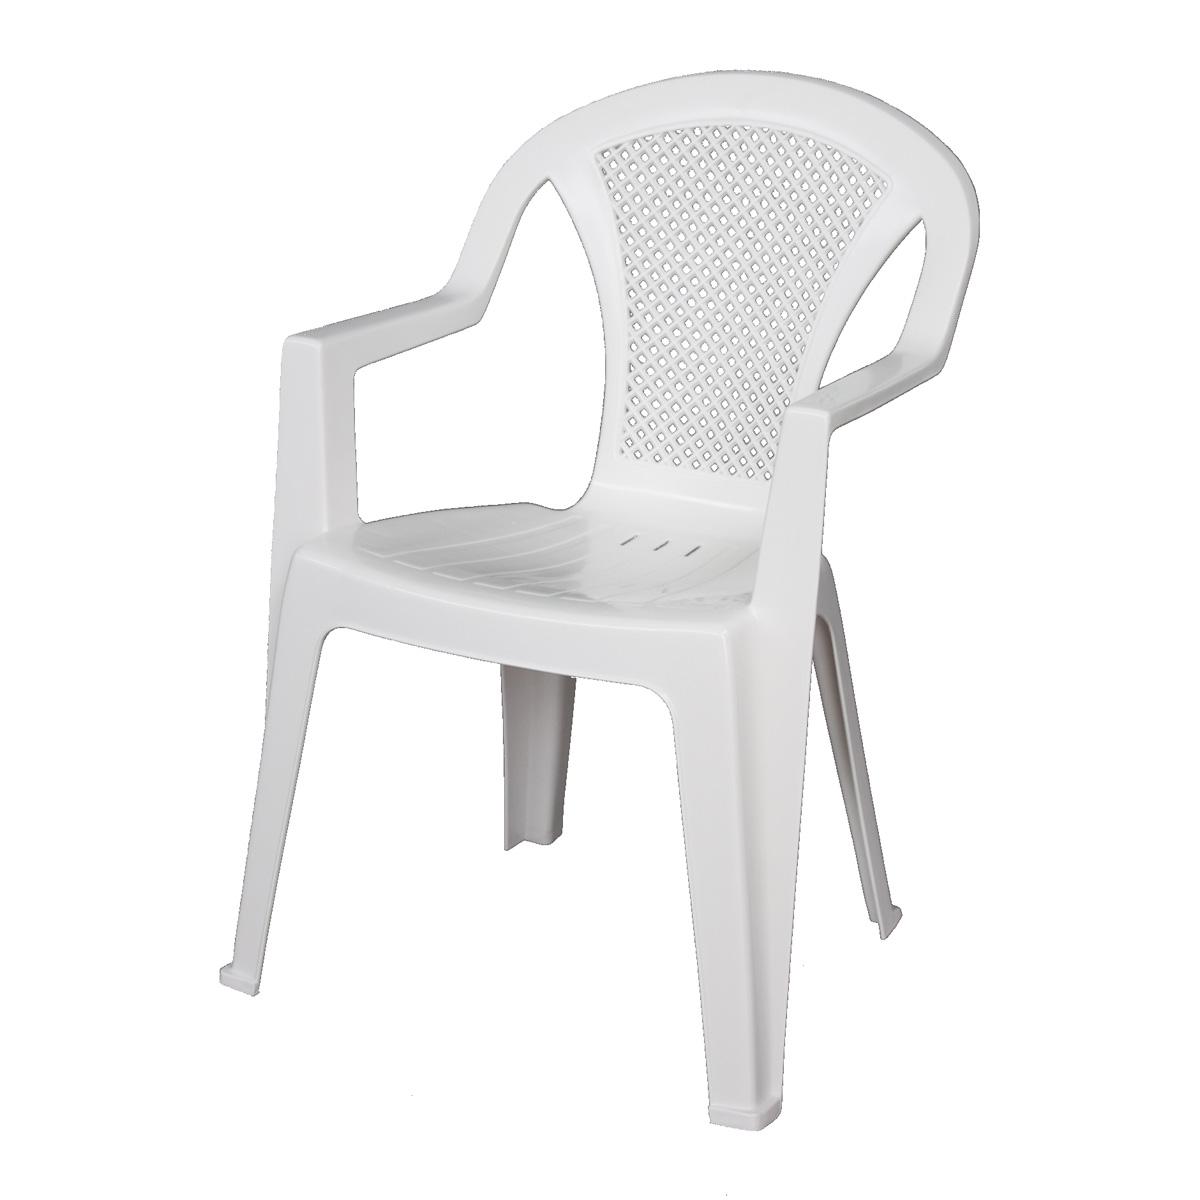 vente chaise en plastique gros et dtail - Vente De Chaises